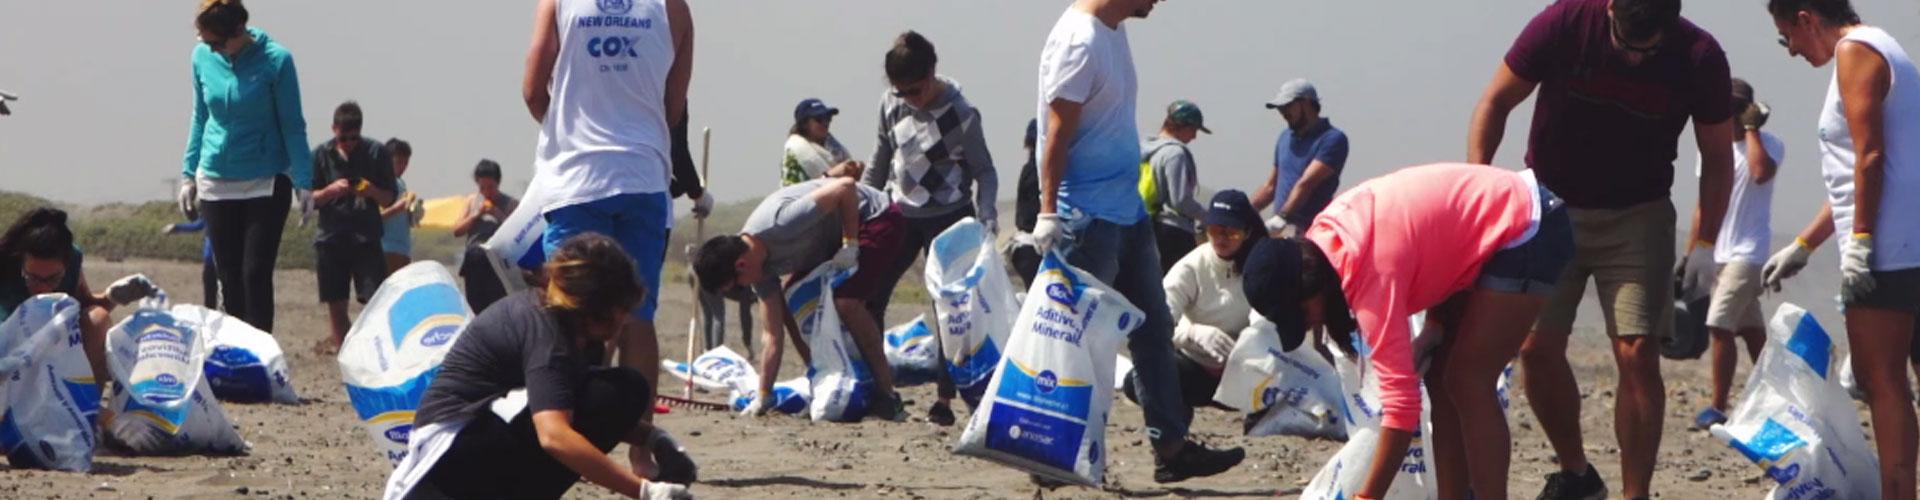 reciclan-dia-del-oceano-banner